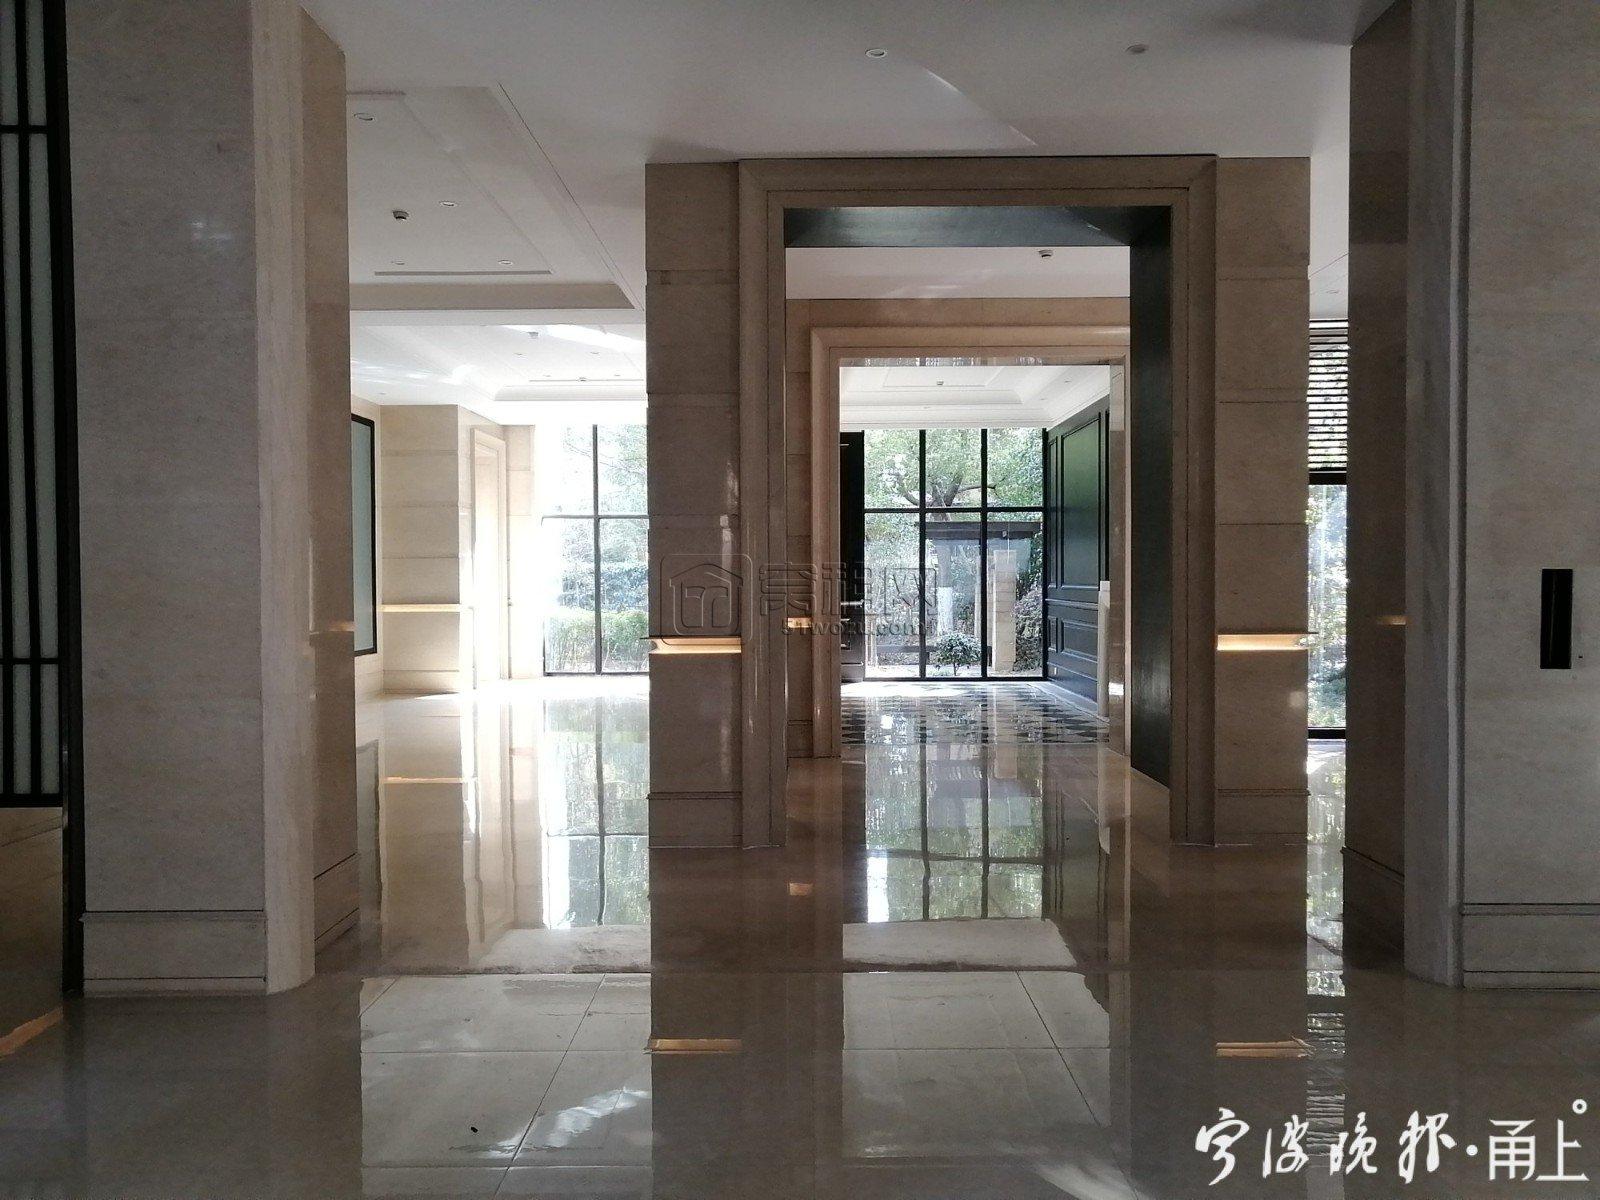 宁波这个小区36户居民自筹40万 将破旧的楼道改造